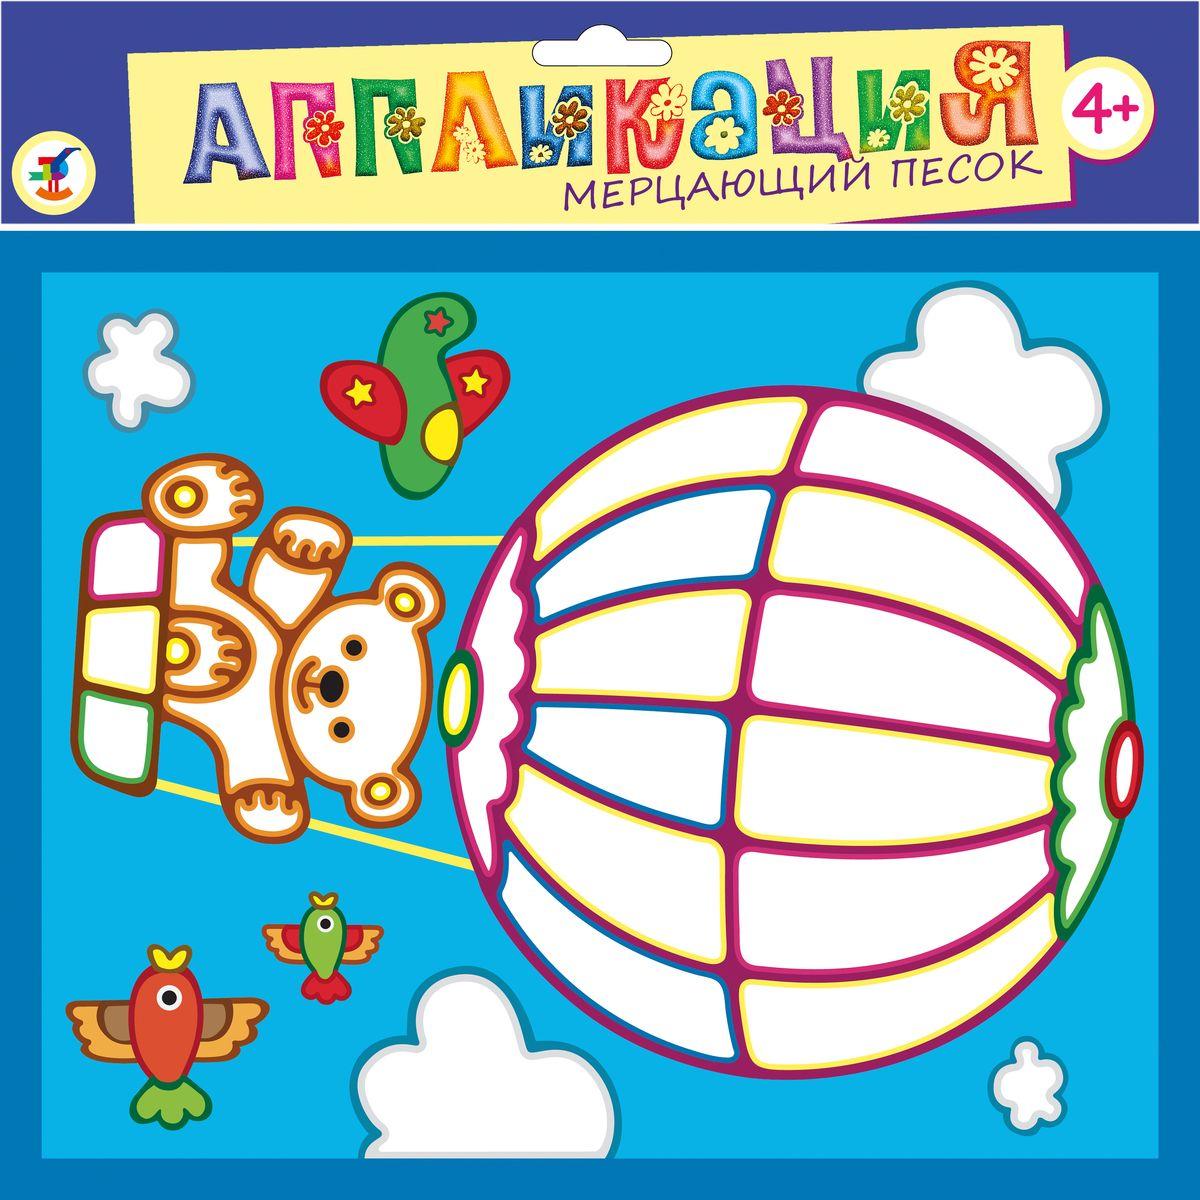 Дрофа-Медиа Аппликация Мишка на воздушном шаре2723В набор входят: цветная основа с контуром рисунка и клеевым слоем, 6 трубочек цветных блёсток, кисточка, деревянная палочка, декоративные элементы на самоклеящейся основе (глазки), цветная листовка-образец.